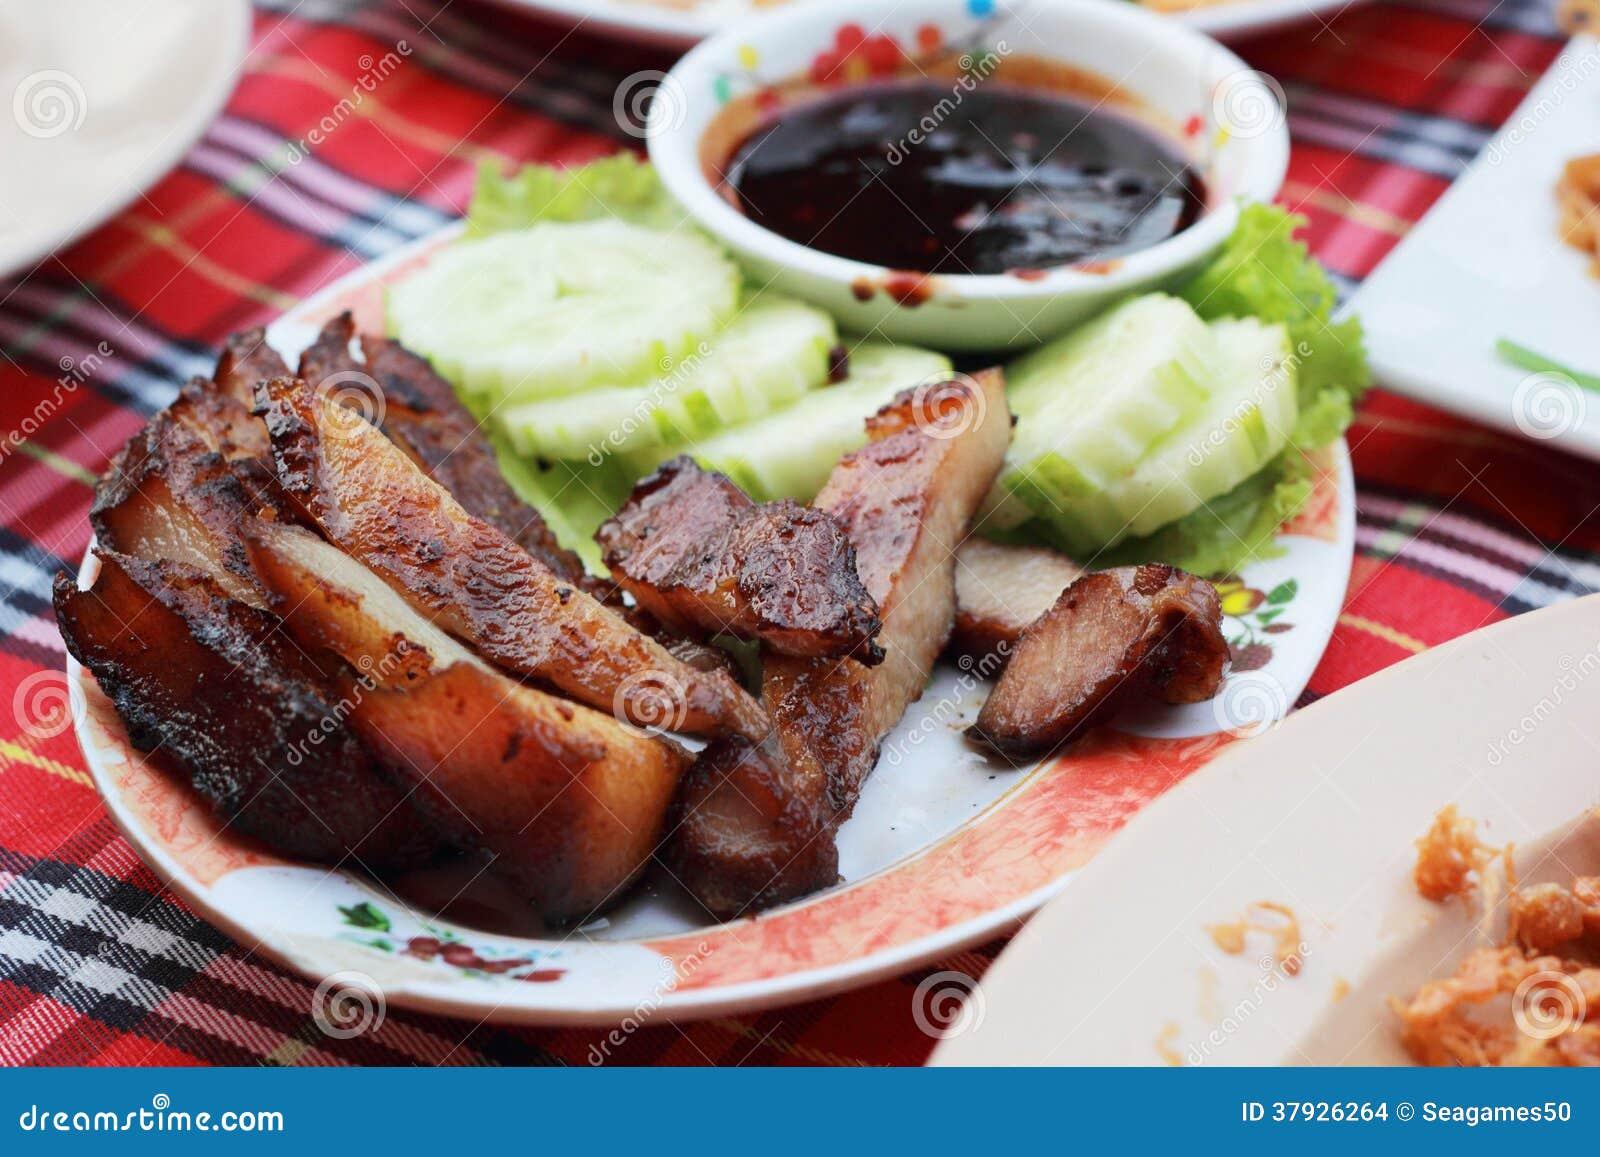 Свинина жаркого с соусом на плите.